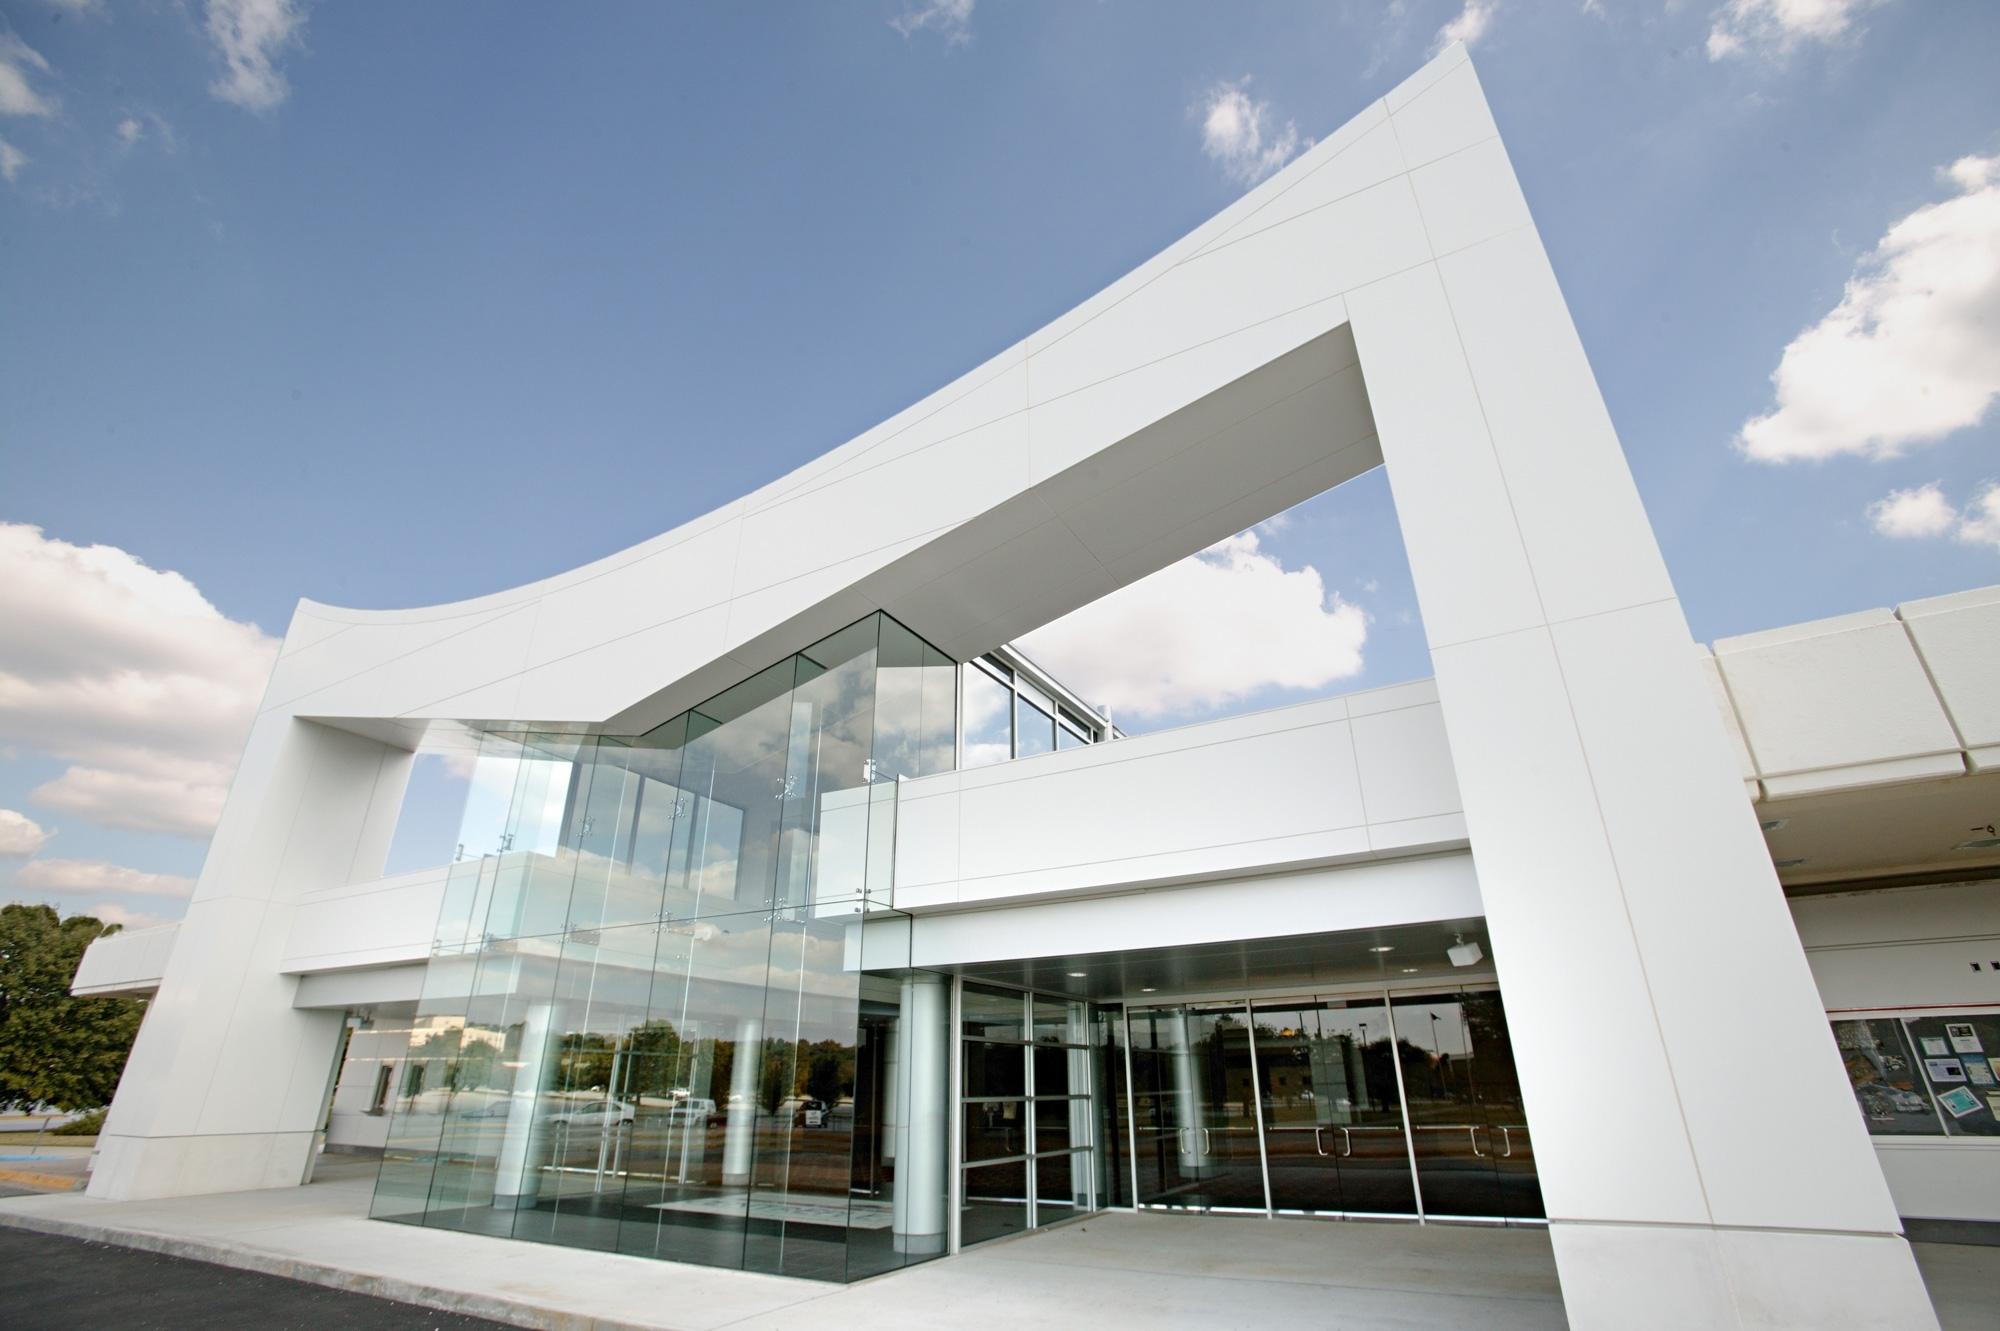 Coliseum facade new.JPG